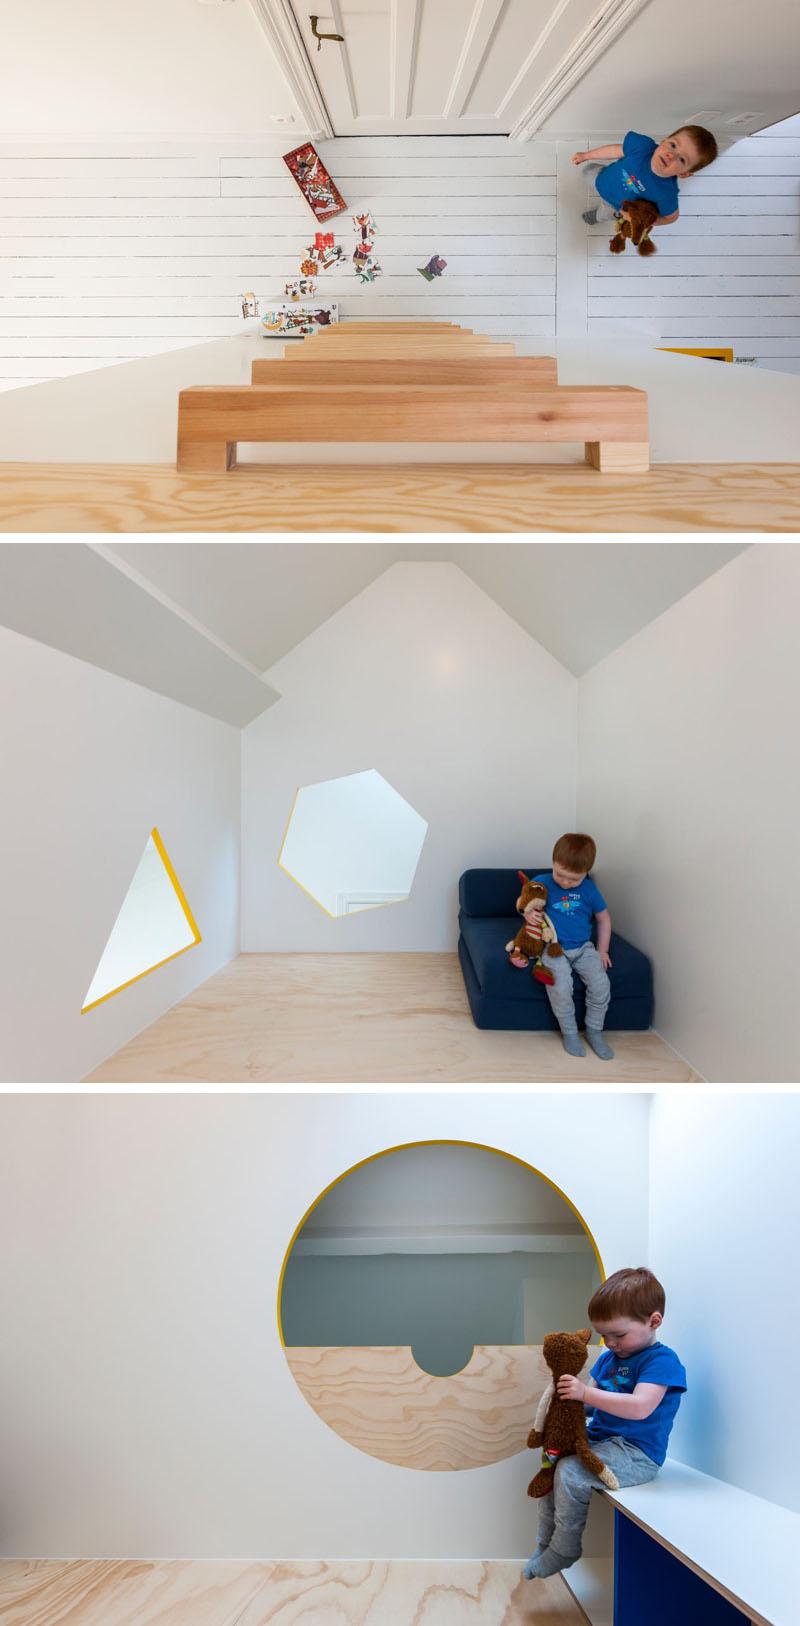 اتاق کودک با مبلمان چند منظوره